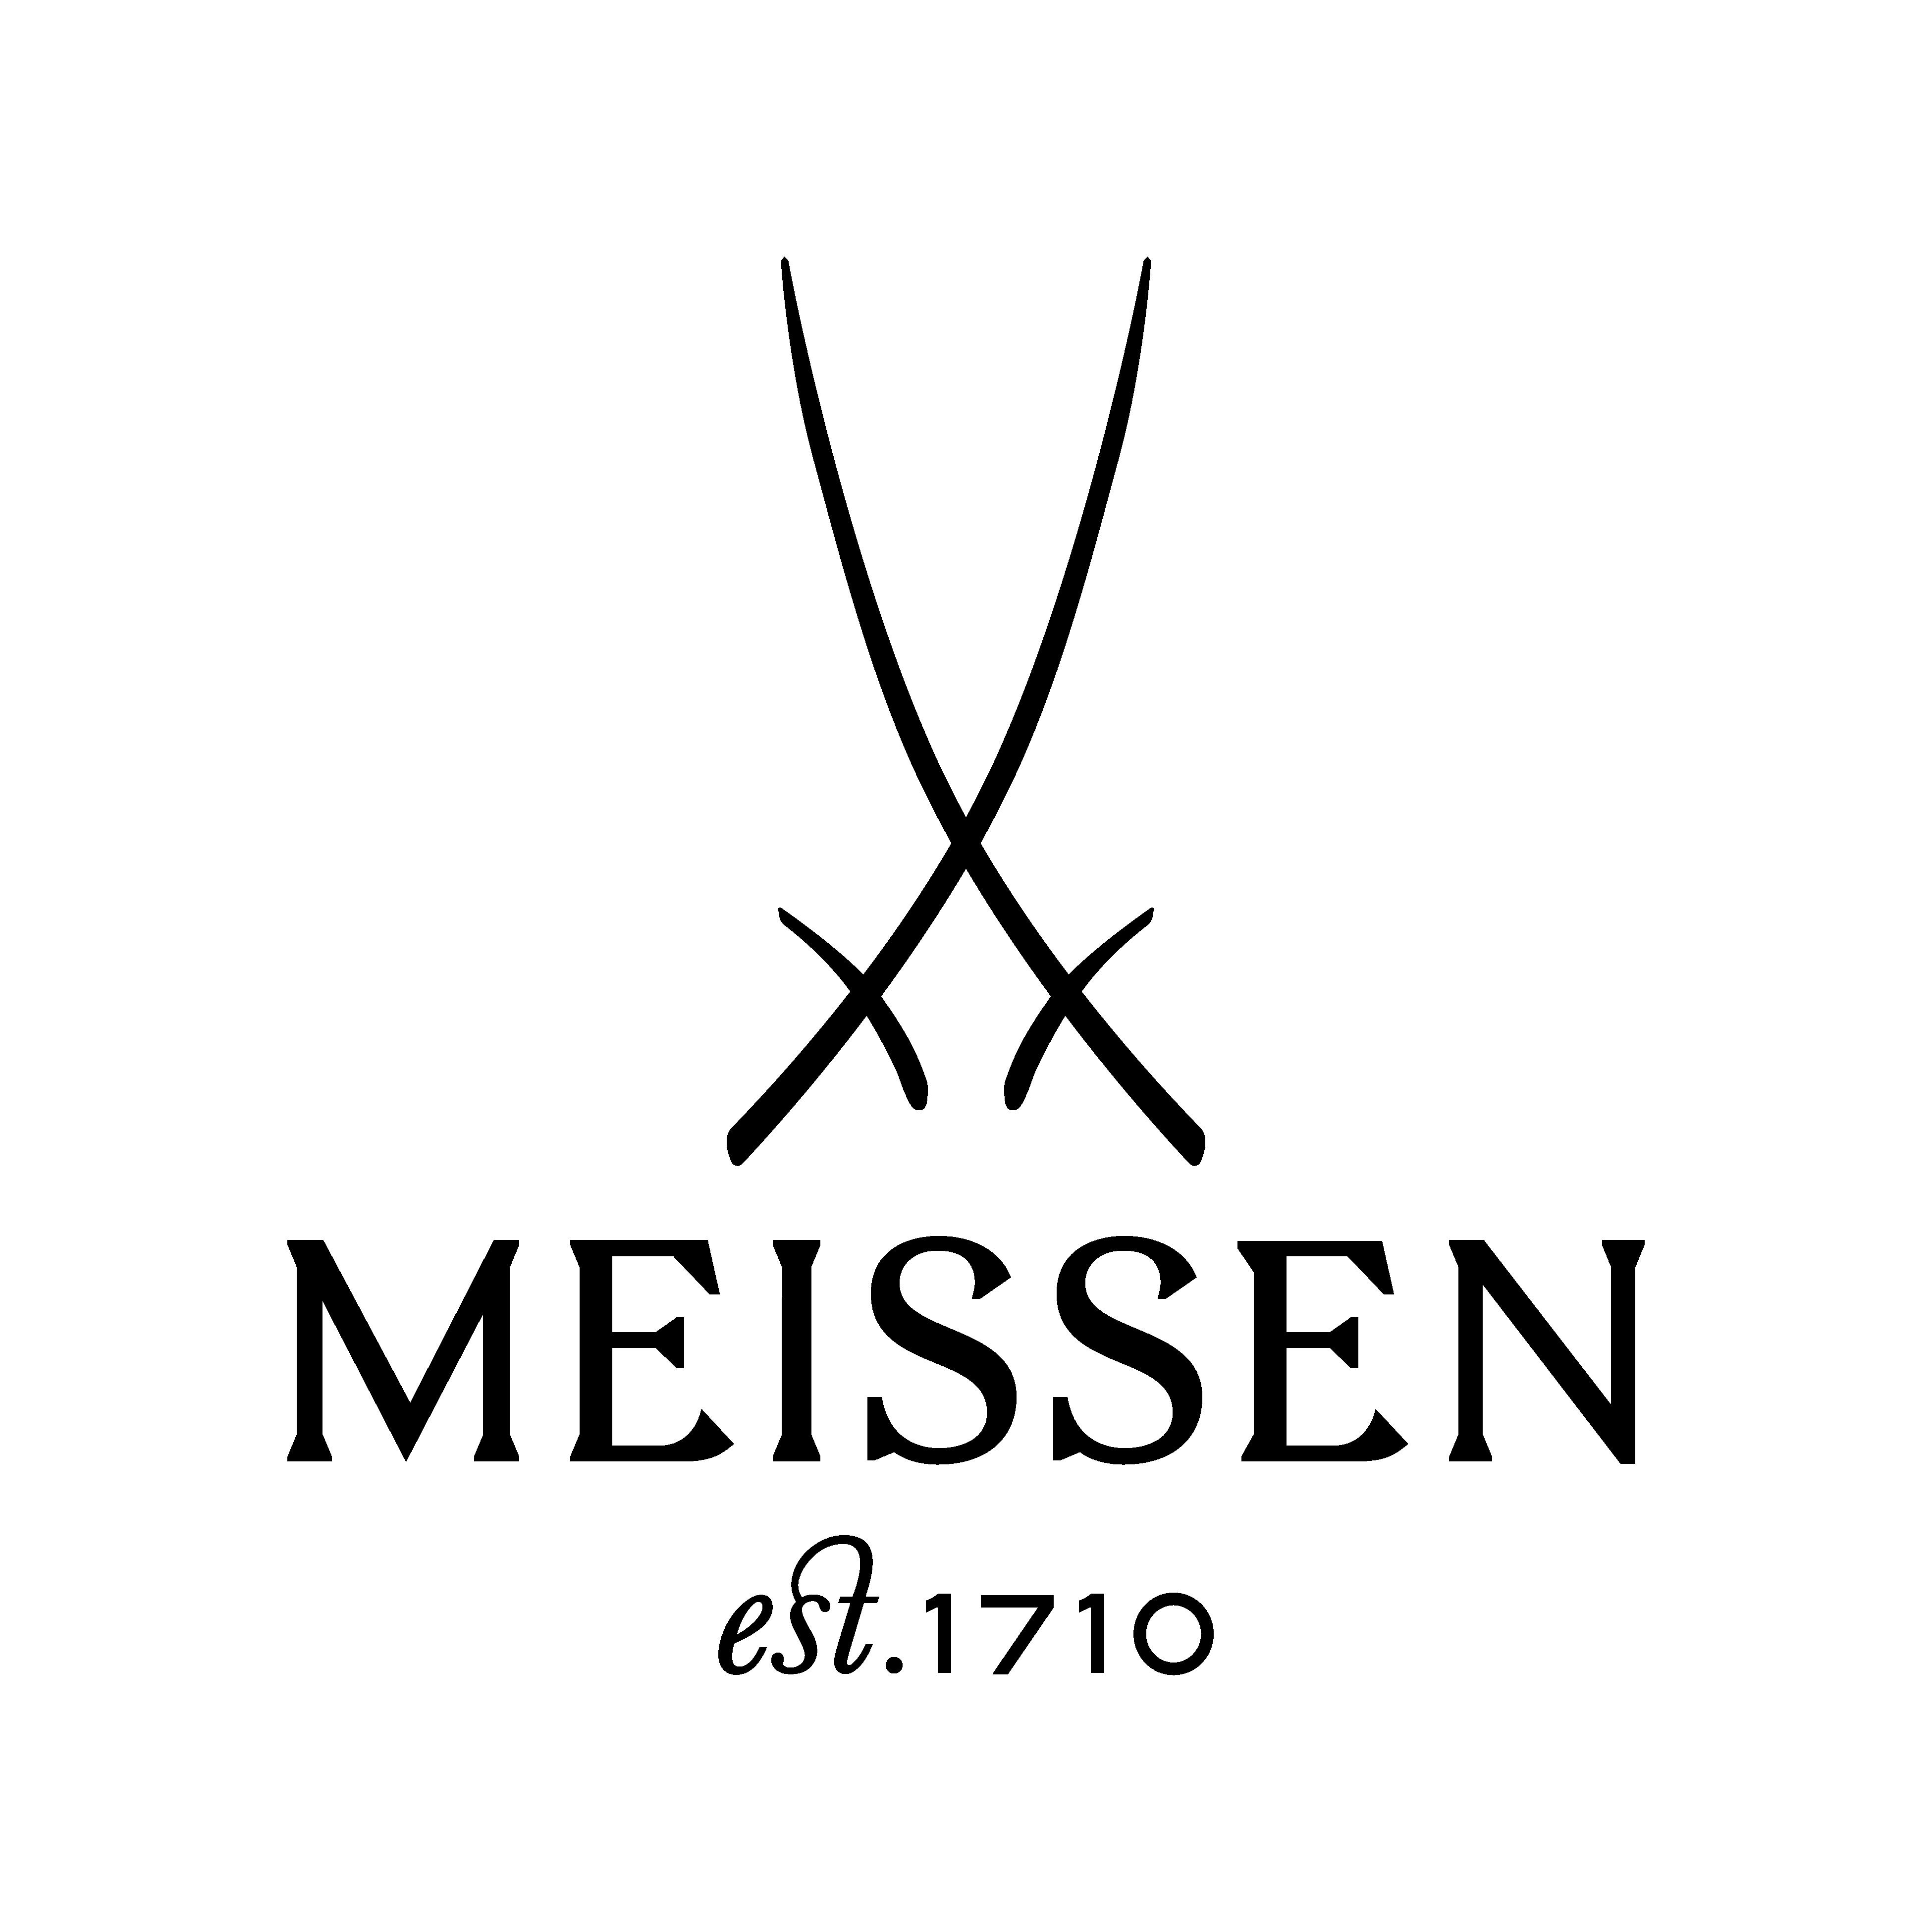 zeichenflache-2-kopie-33x